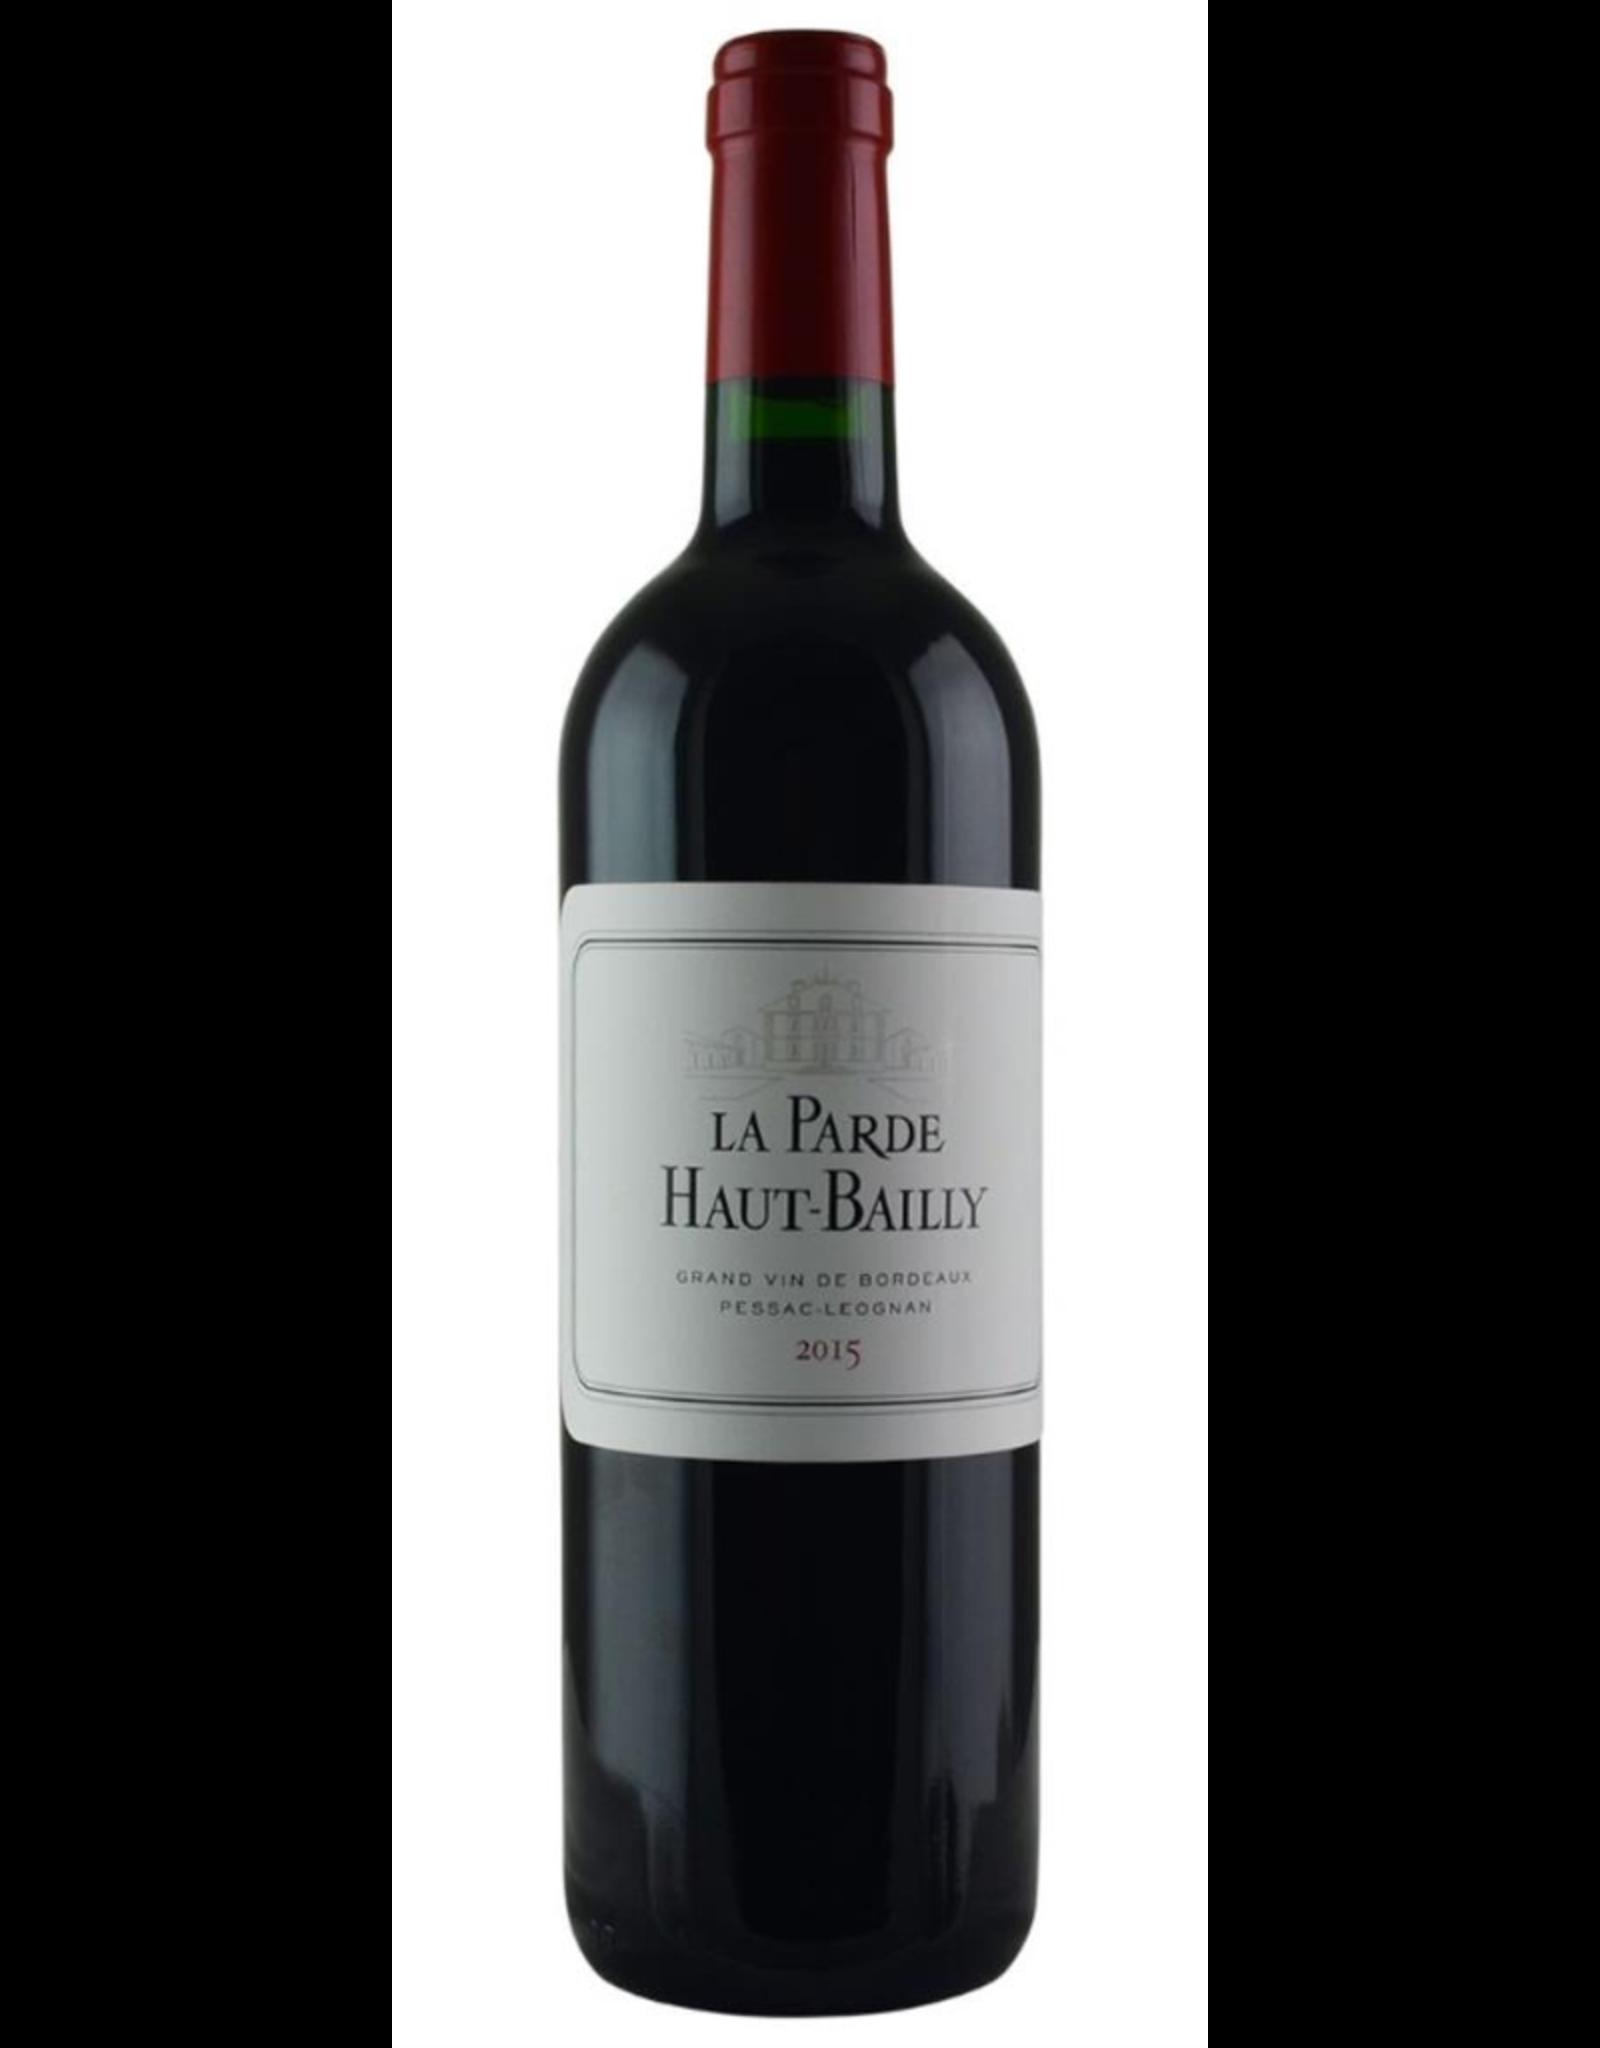 Red Wine 2015, Chateau Haut-Bailly 2nd, La Parde, Red Bordeaux Blend, Pessac-Leognan Gironde, Bordeaux, France, 14% Alc, CT88.6